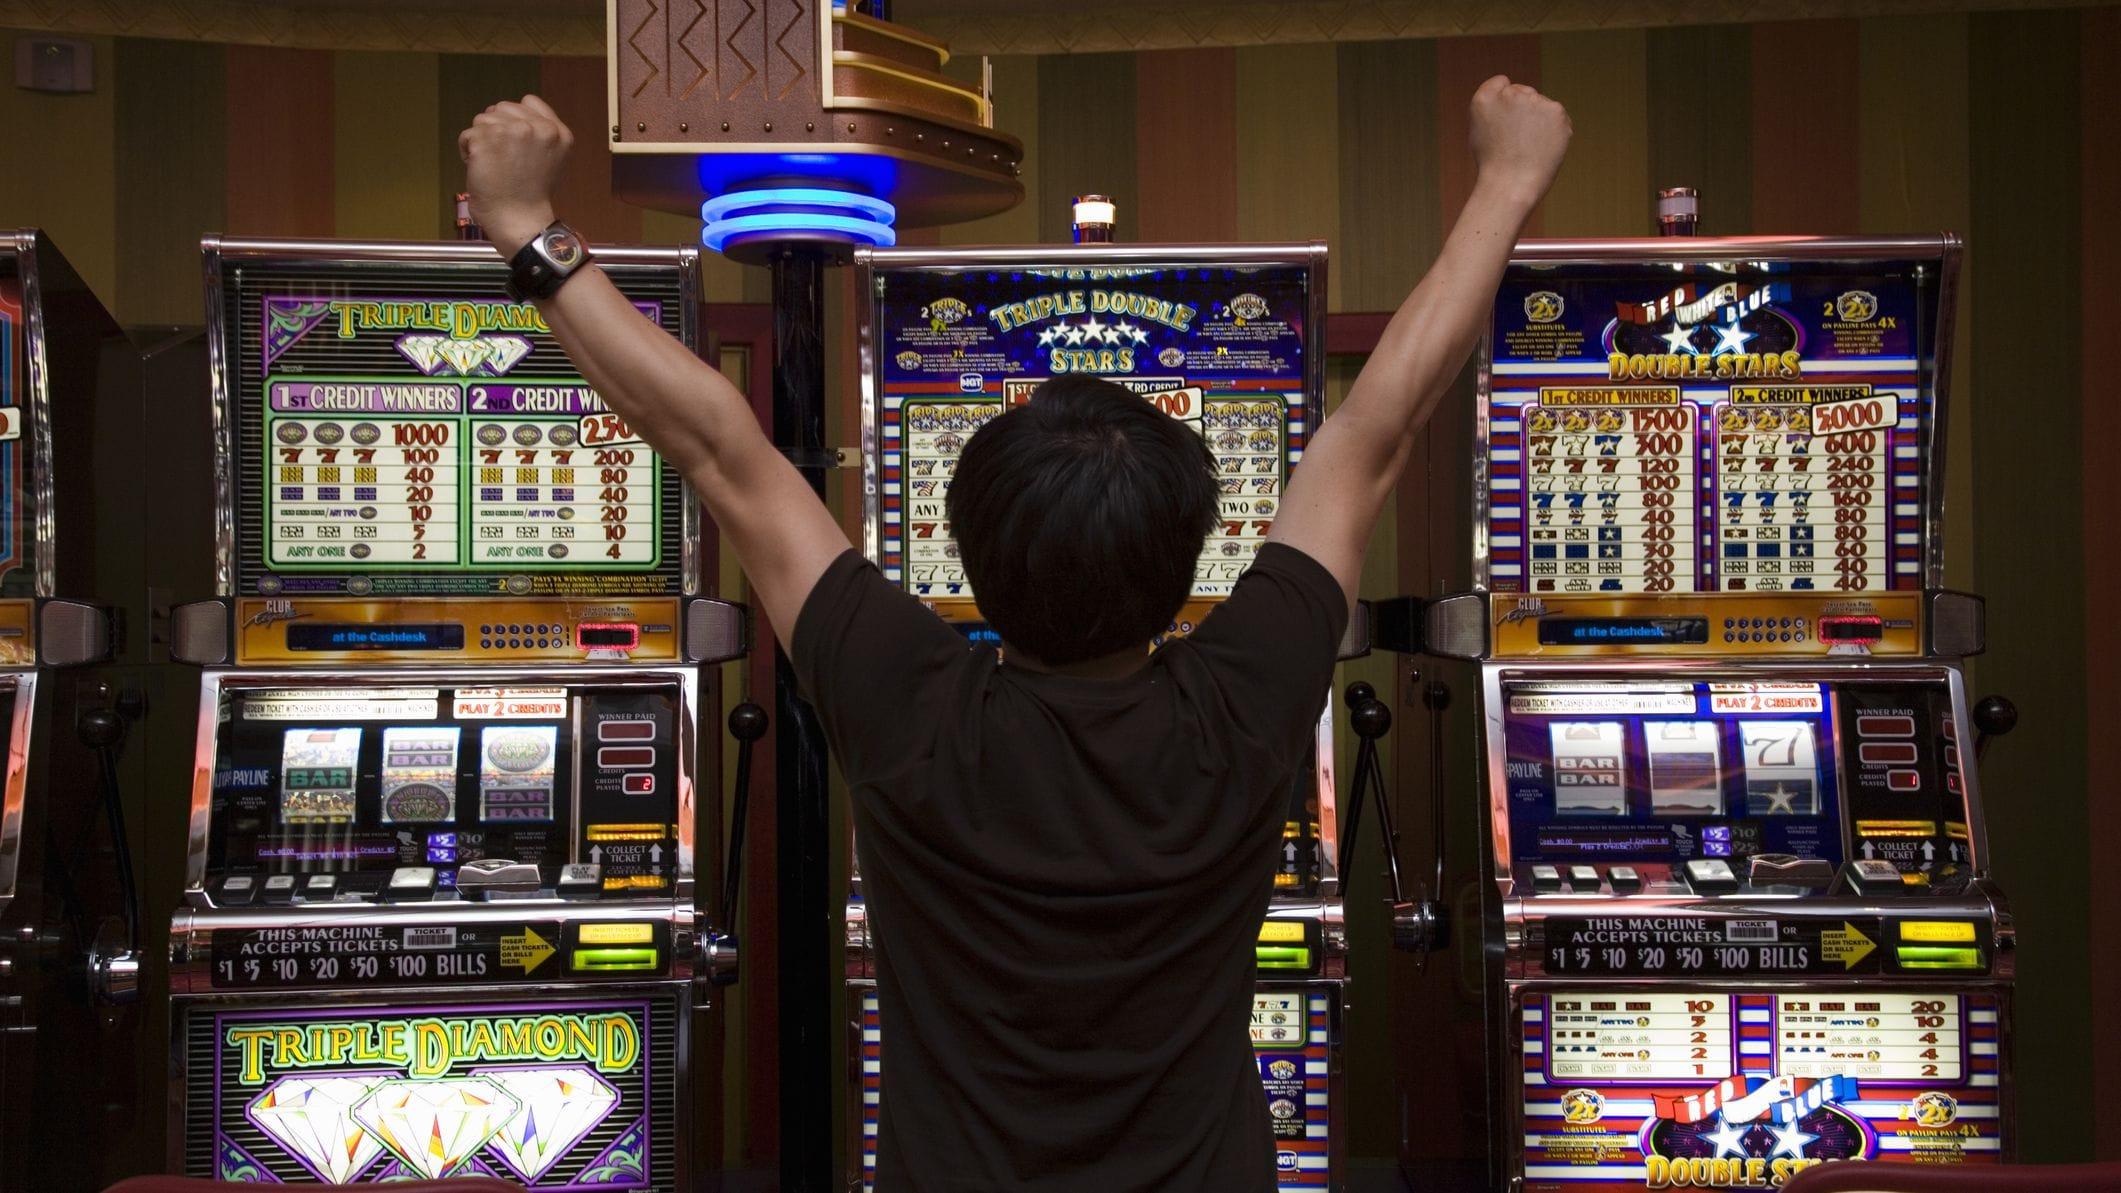 Gambling Image